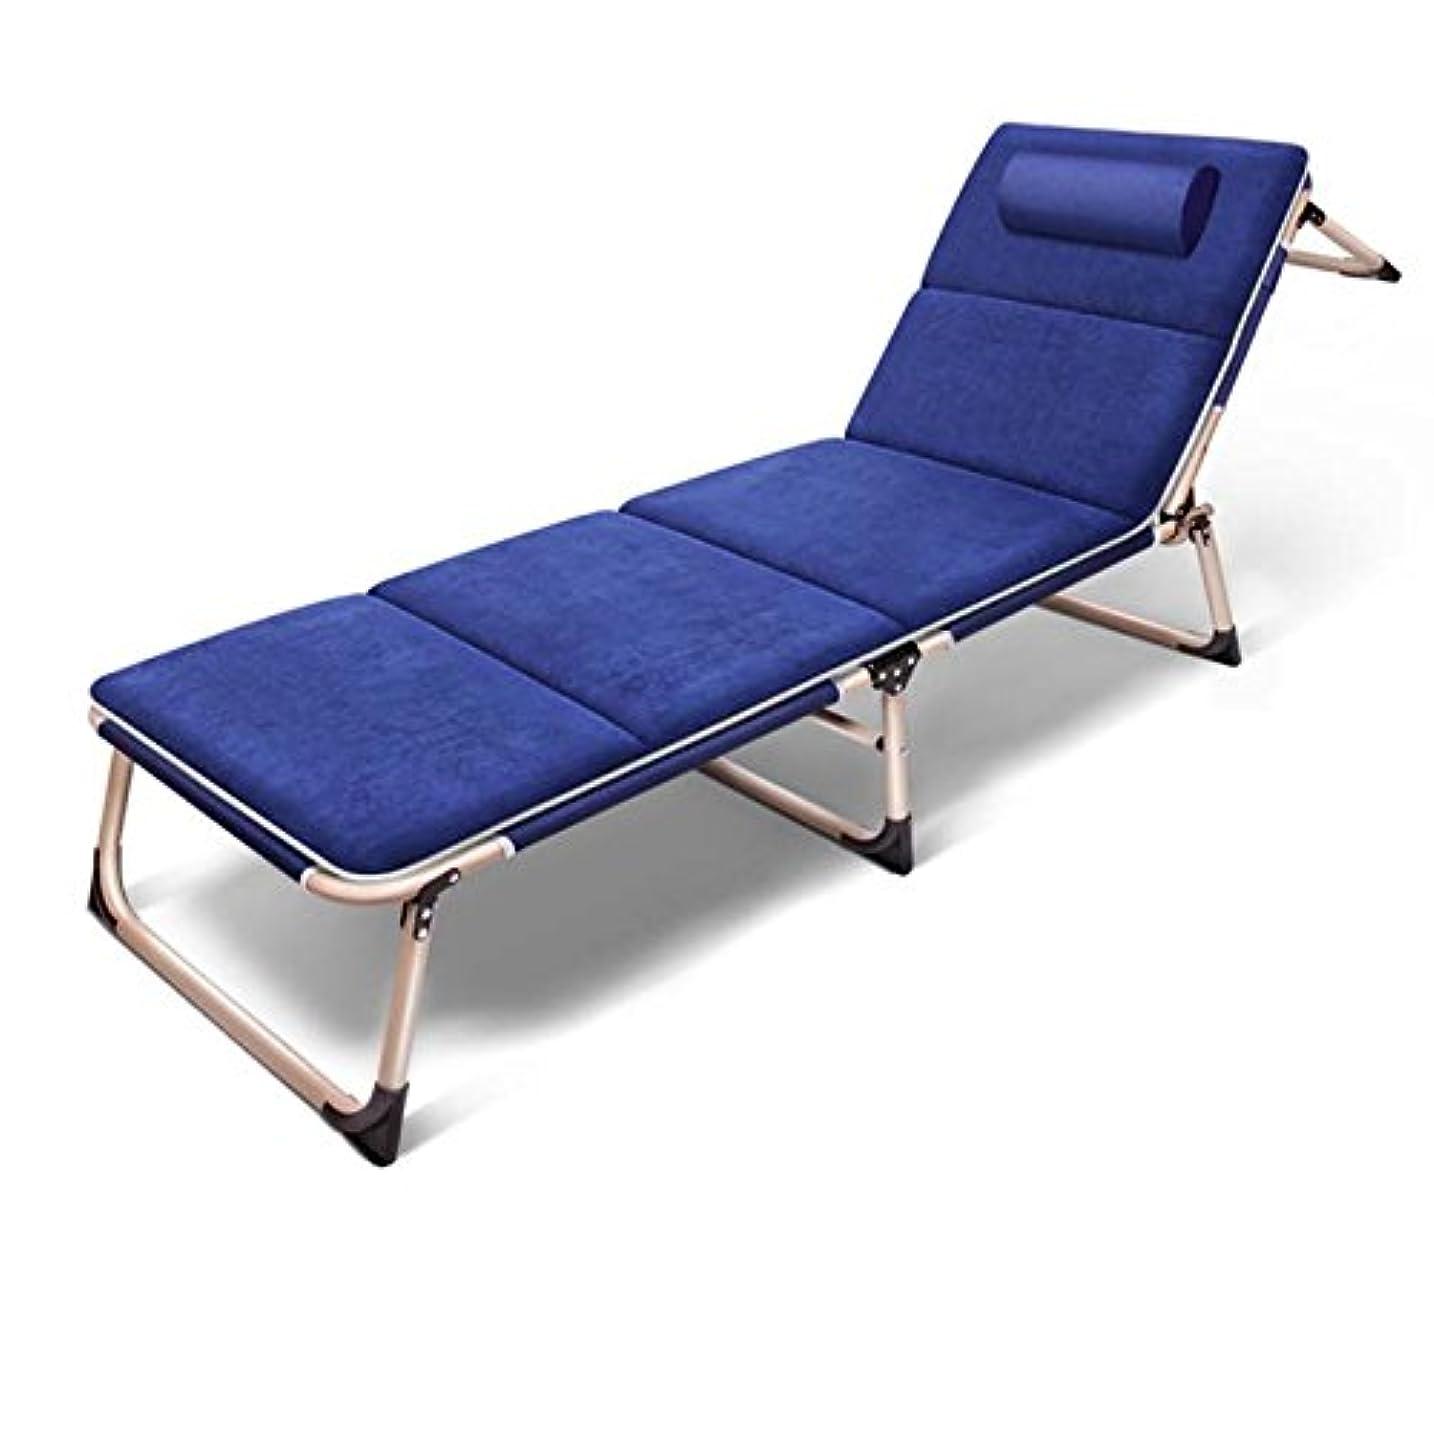 アコー視聴者ミルクBrisk- 広々とした通気性折り畳み式ベッド1つのスリーパーソファベッドビーチベッド付きのシンプルなベッドレイジーソファ(カラーオプション) (色 : #4)